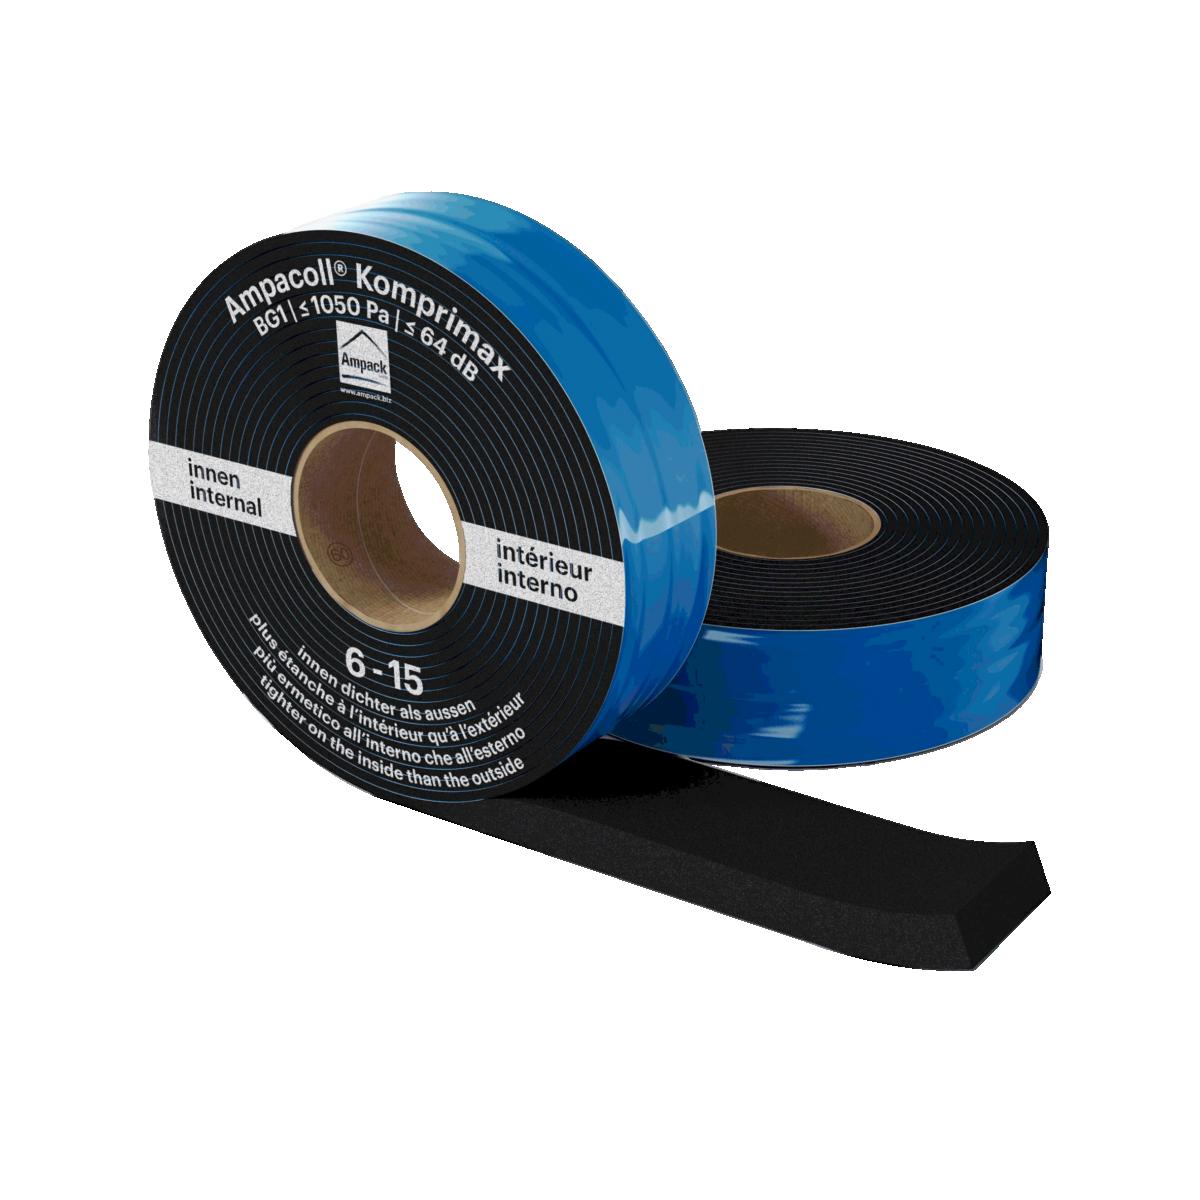 Multifunctional Joint Sealing Tape – Ampacoll Komprimax